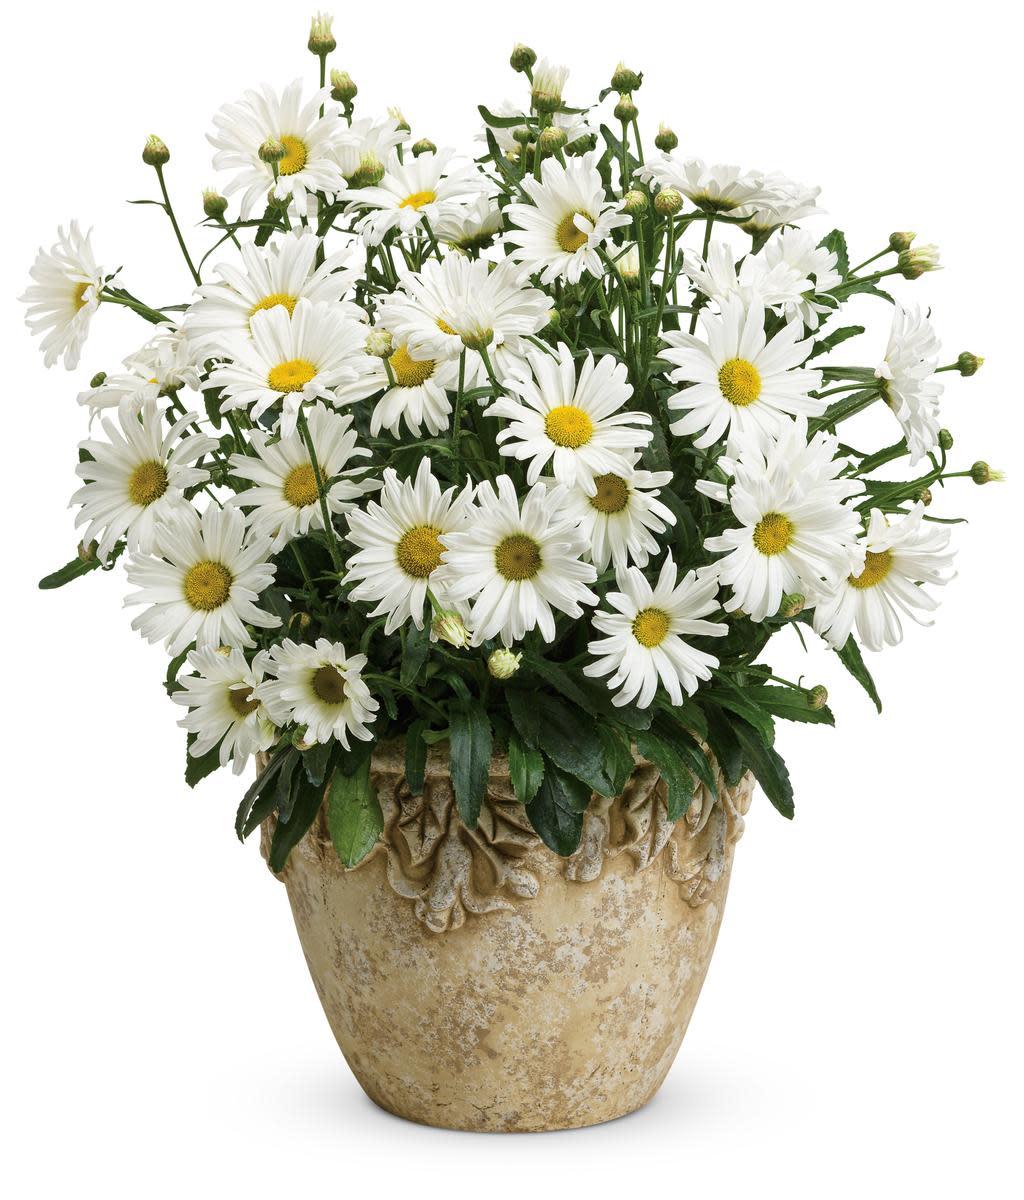 Amazing Daisies™ Daisy May® - Shasta Daisy - Leucant